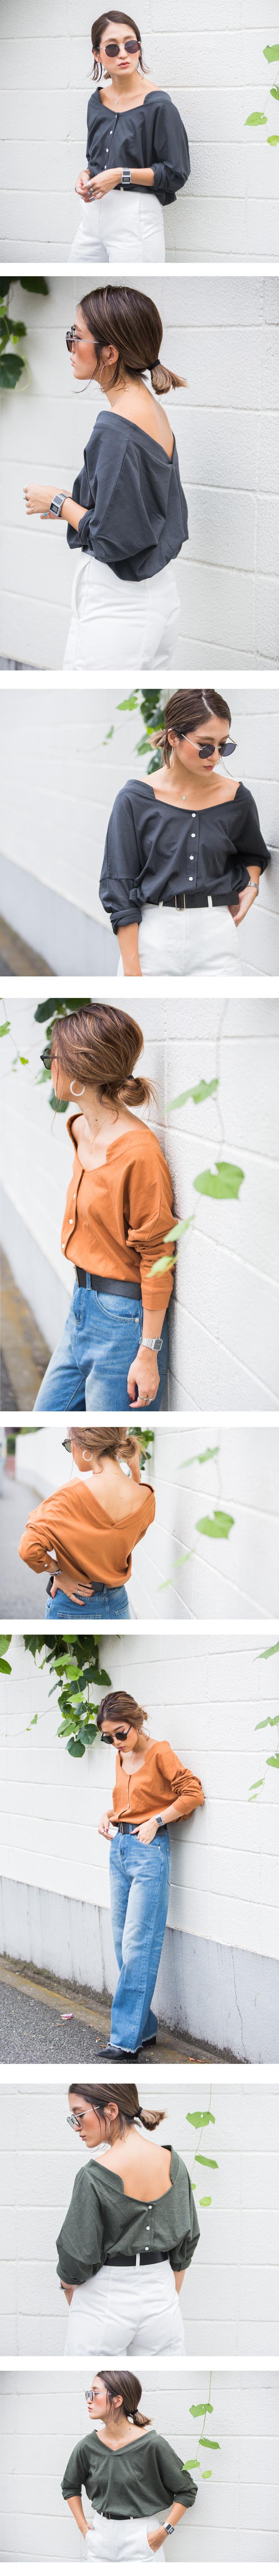 fl 0087 0 - シンプルで格好良いファッションが好きな低身長女子には「Flugge」通販サイト